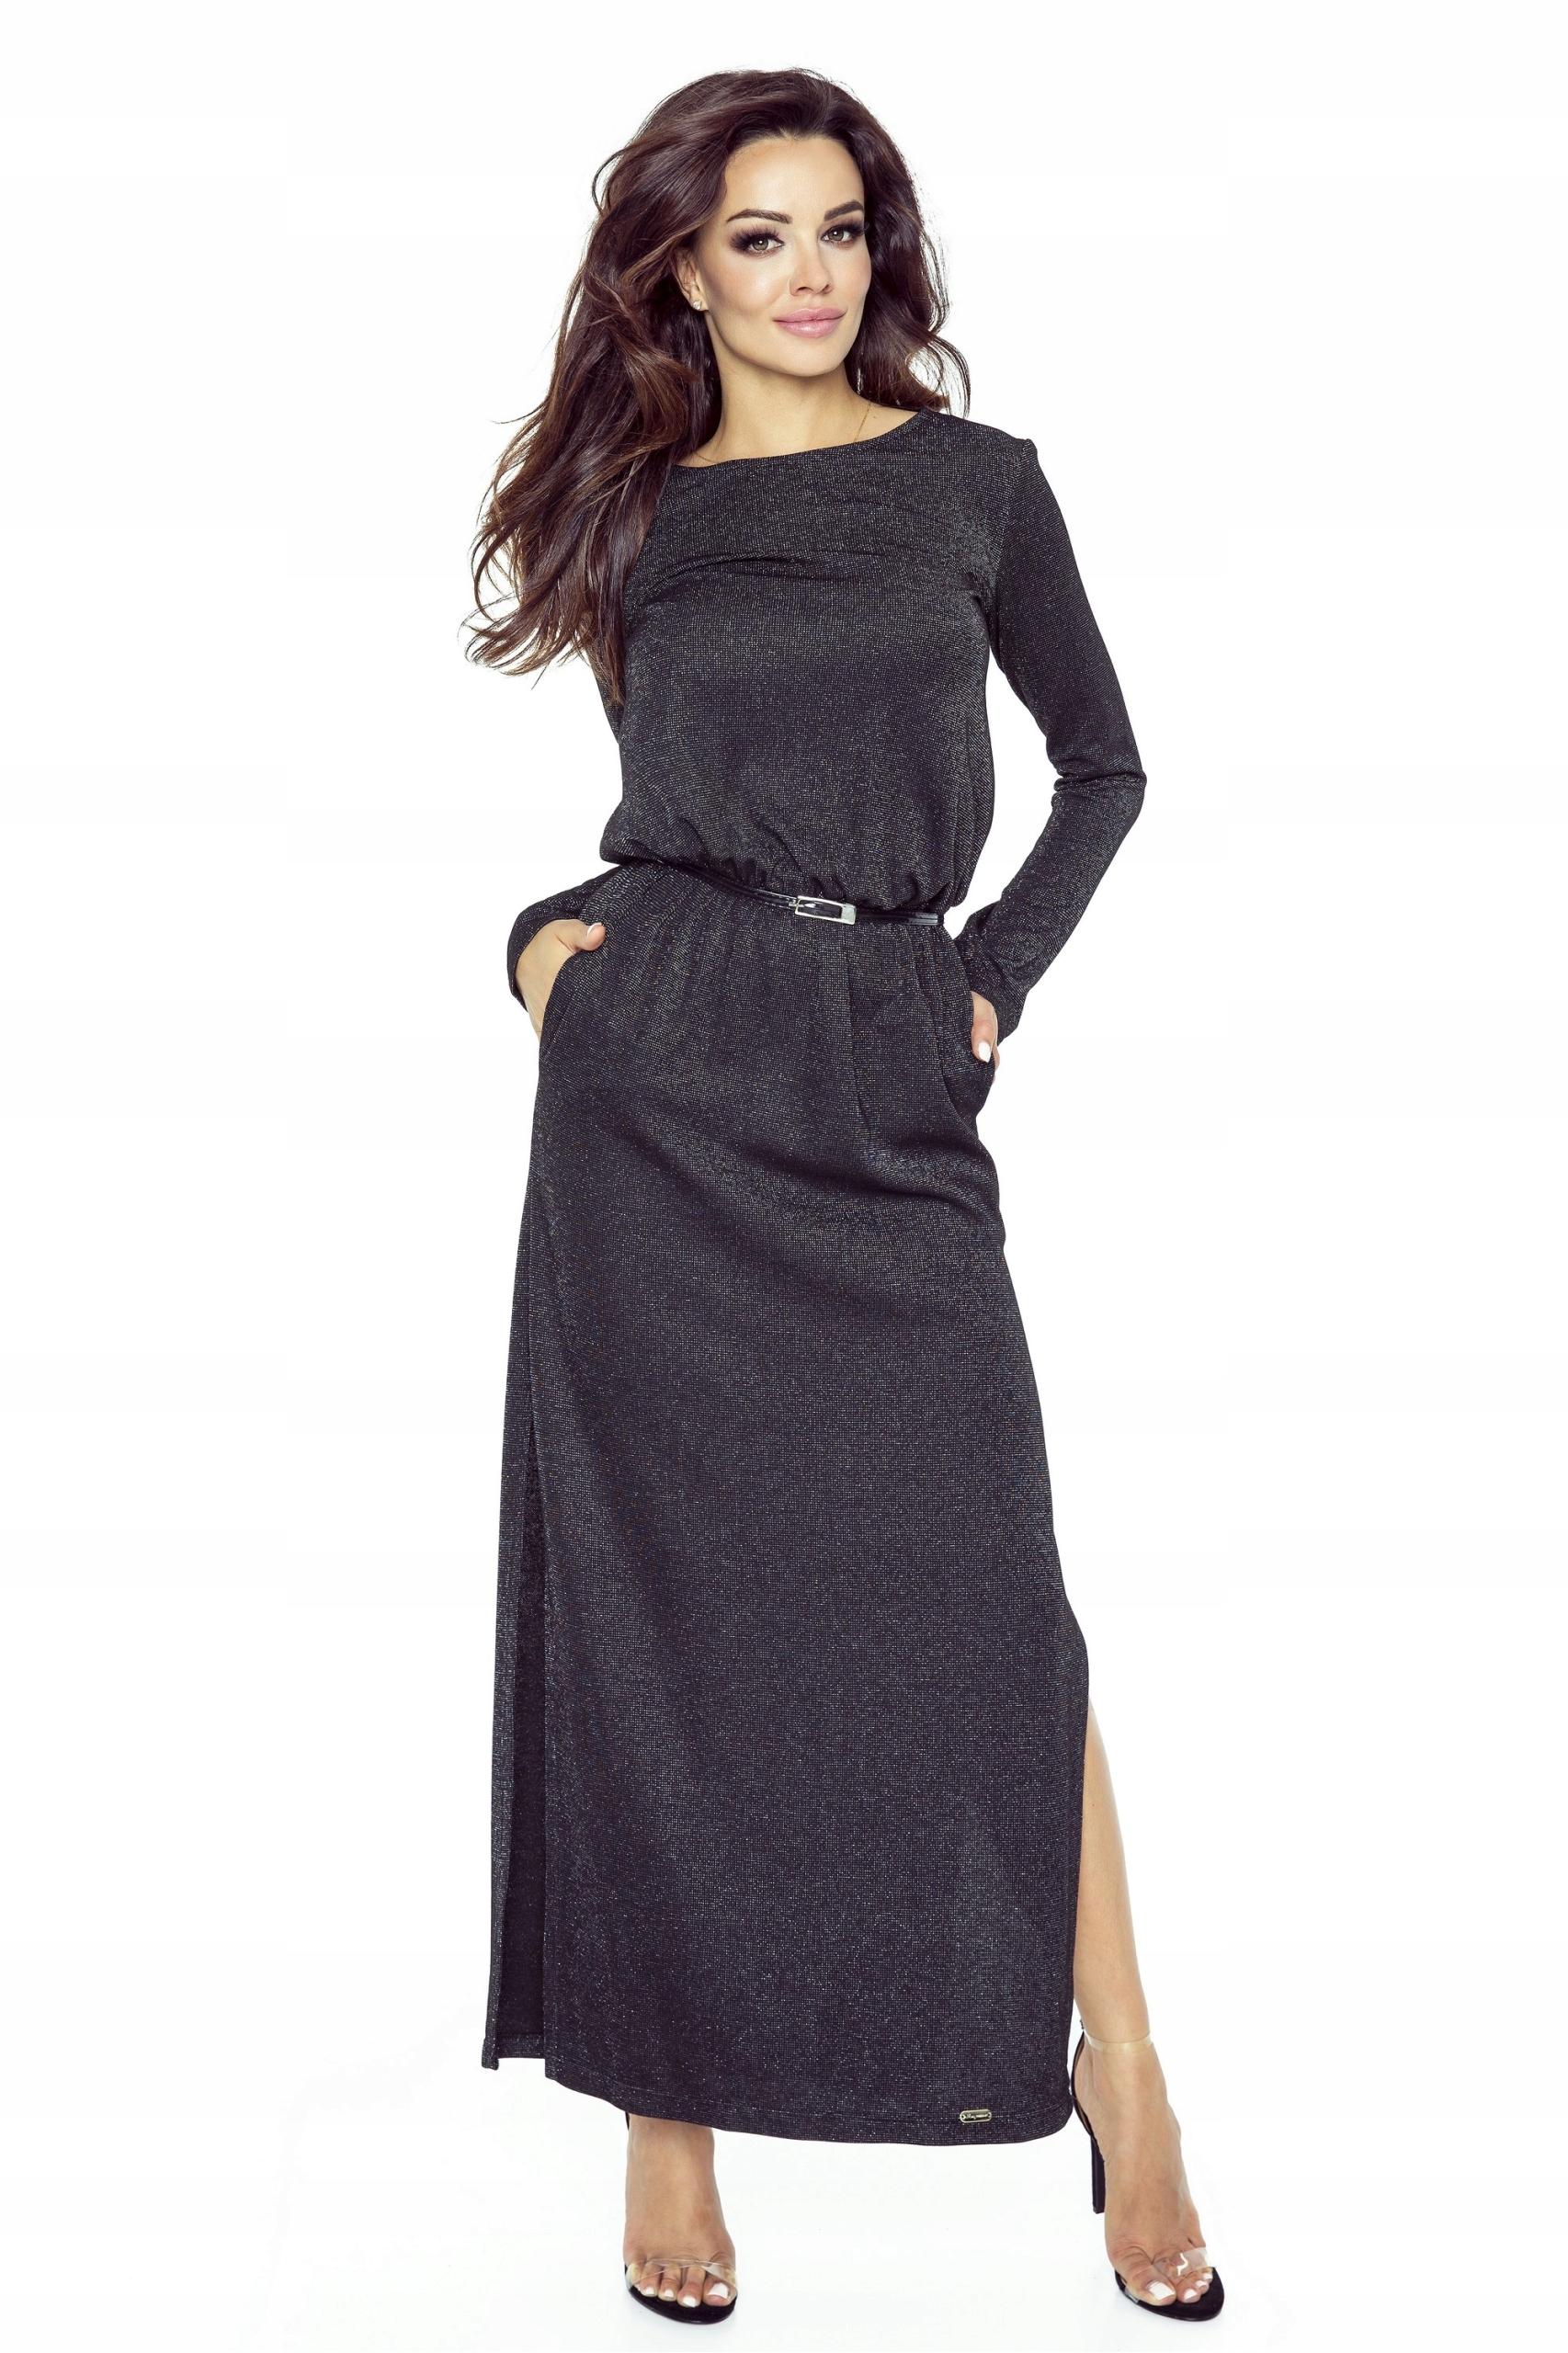 Długa sukienka maxi koronka z tyłu.M ODCIEŃ CZERN